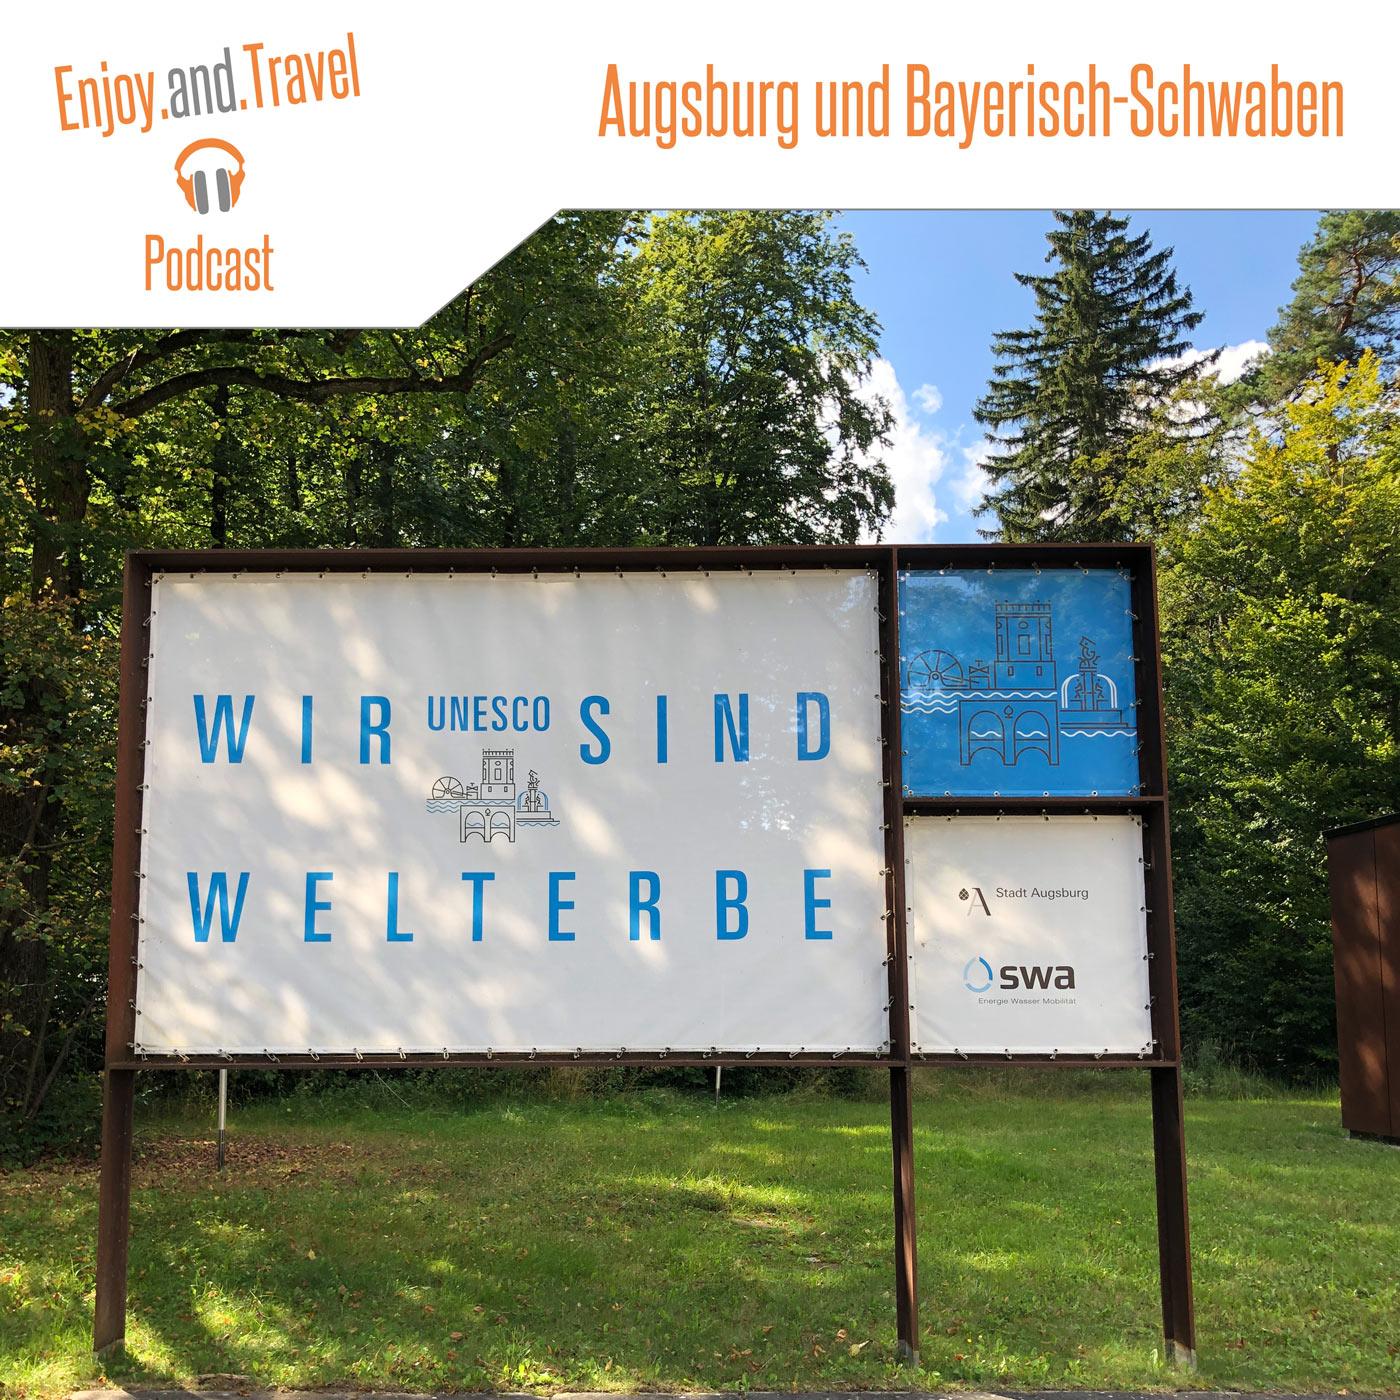 Augsburg und Bayerisch-Schwaben mit einem wir sind Welterbe Schild